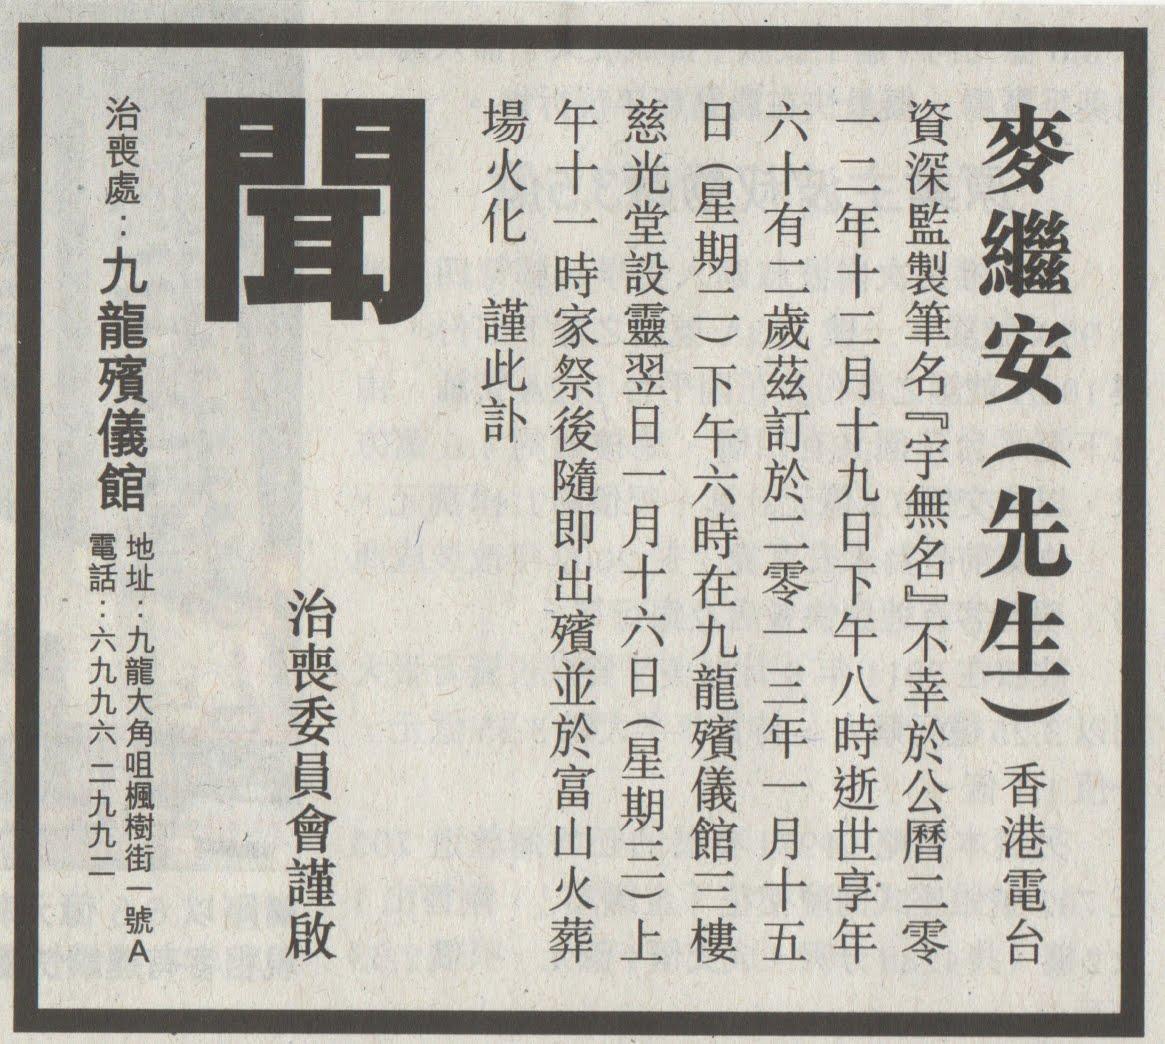 香港文化資料庫: 麥繼安訃聞